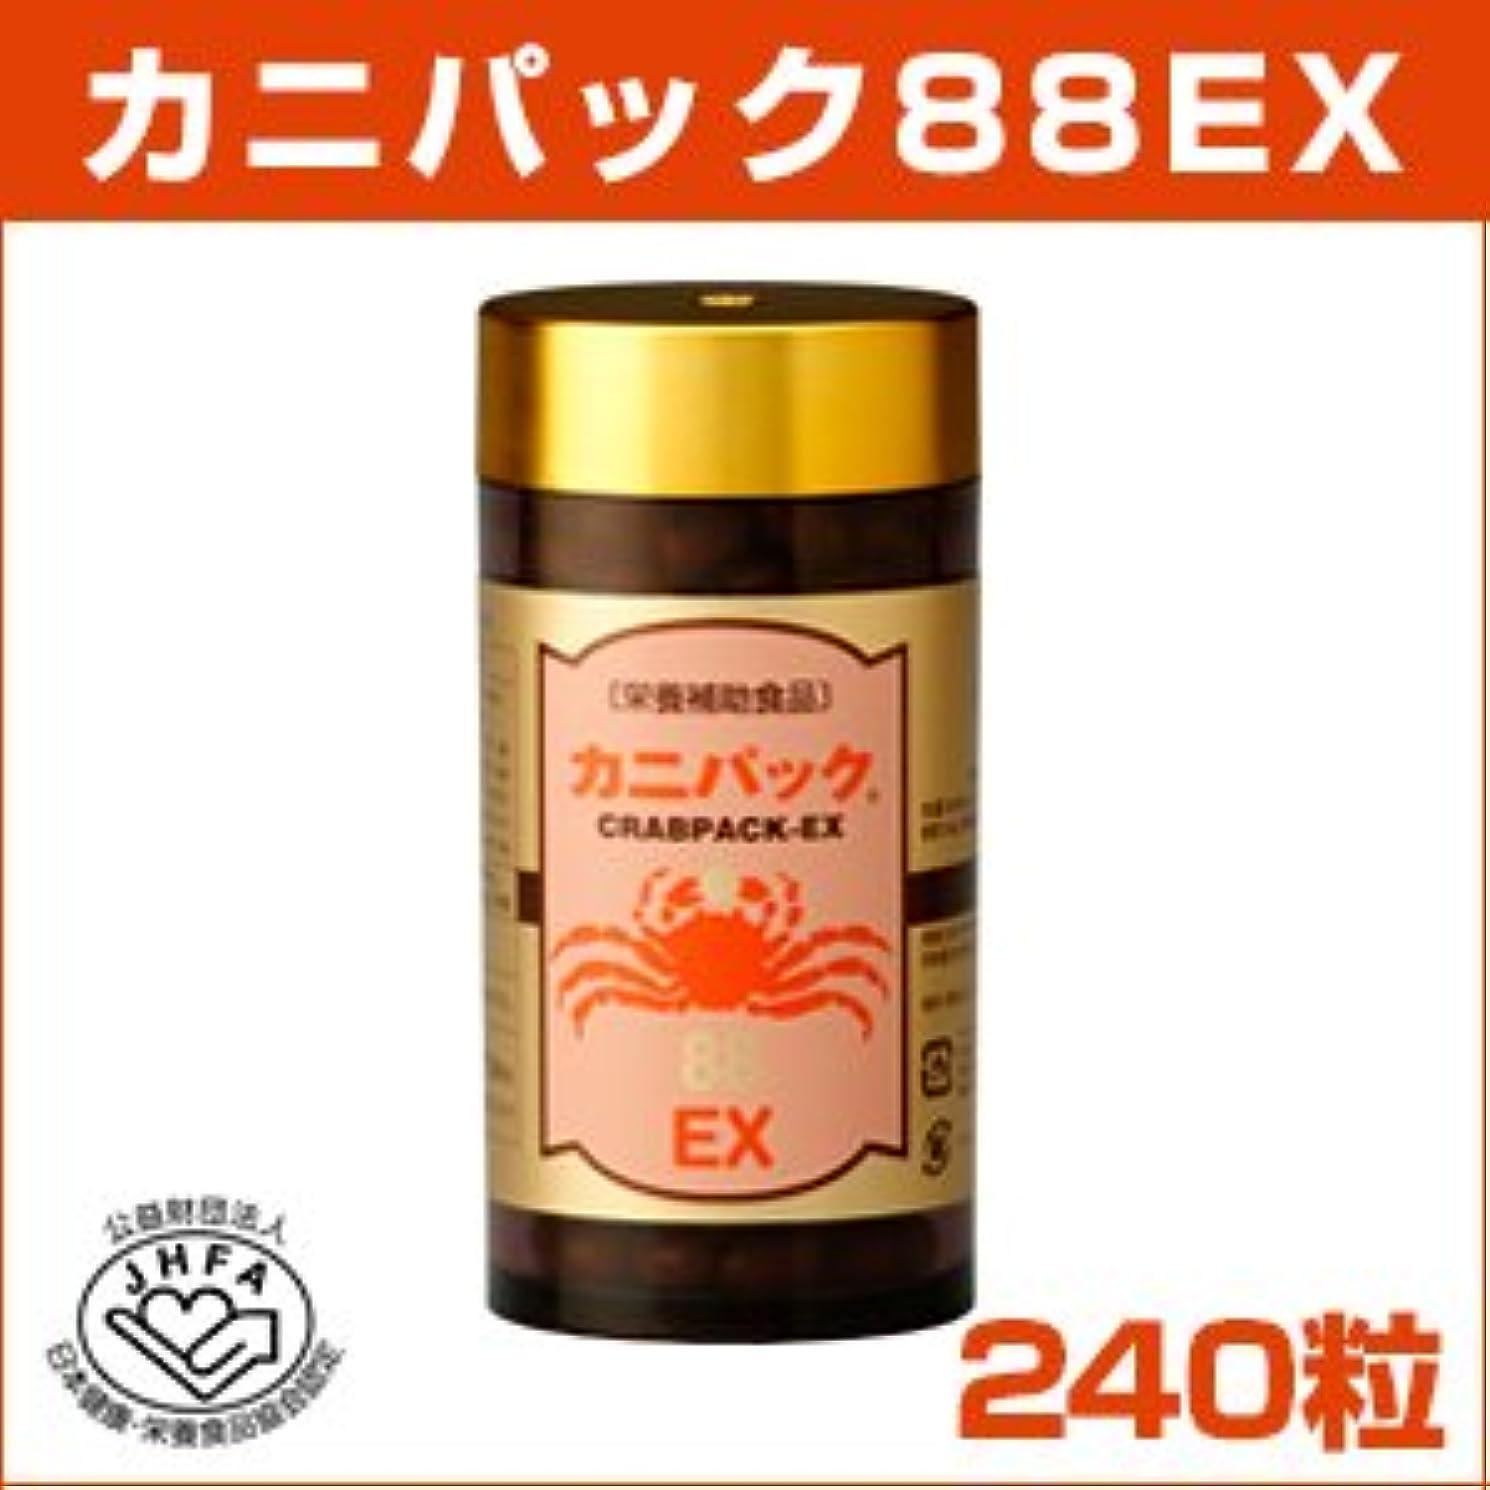 にじみ出る建設シーサイドカニパック88EX (240粒入)